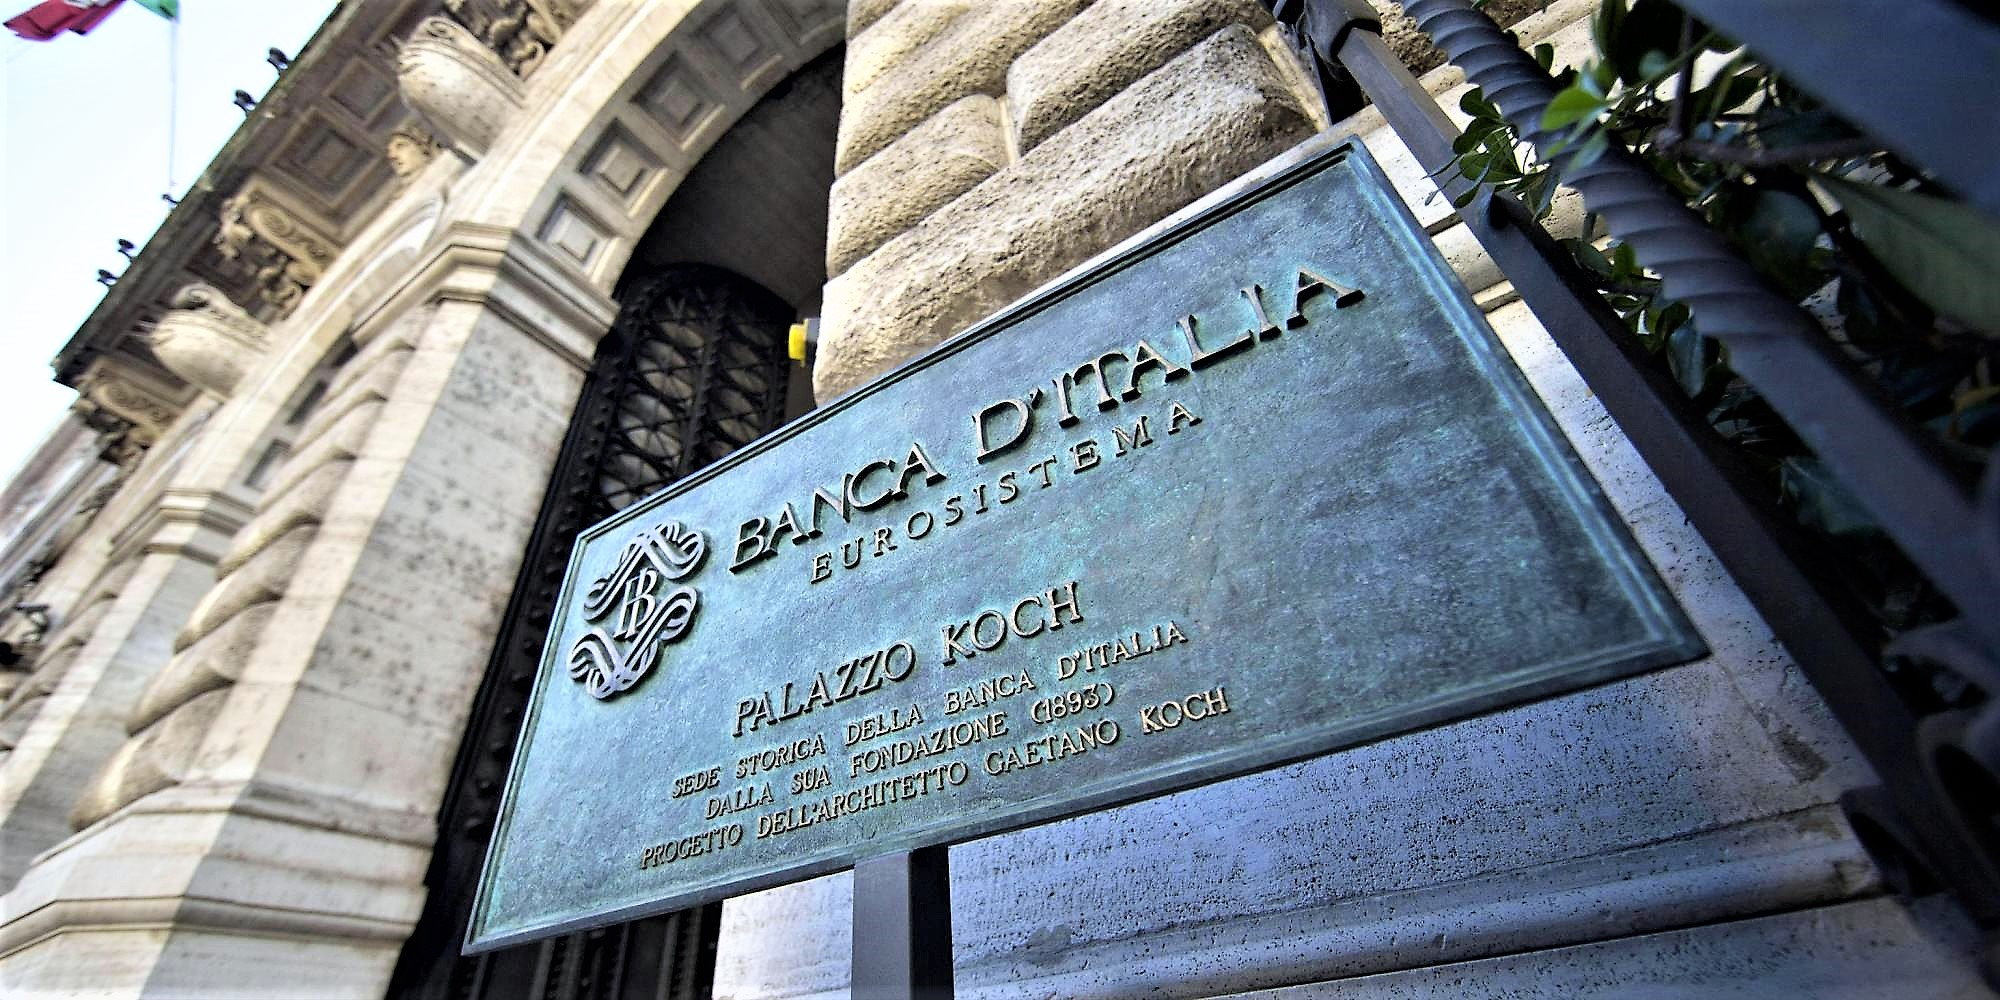 L'Italia sempre più povera, debito pubblico salito a oltre 2400 miliardi